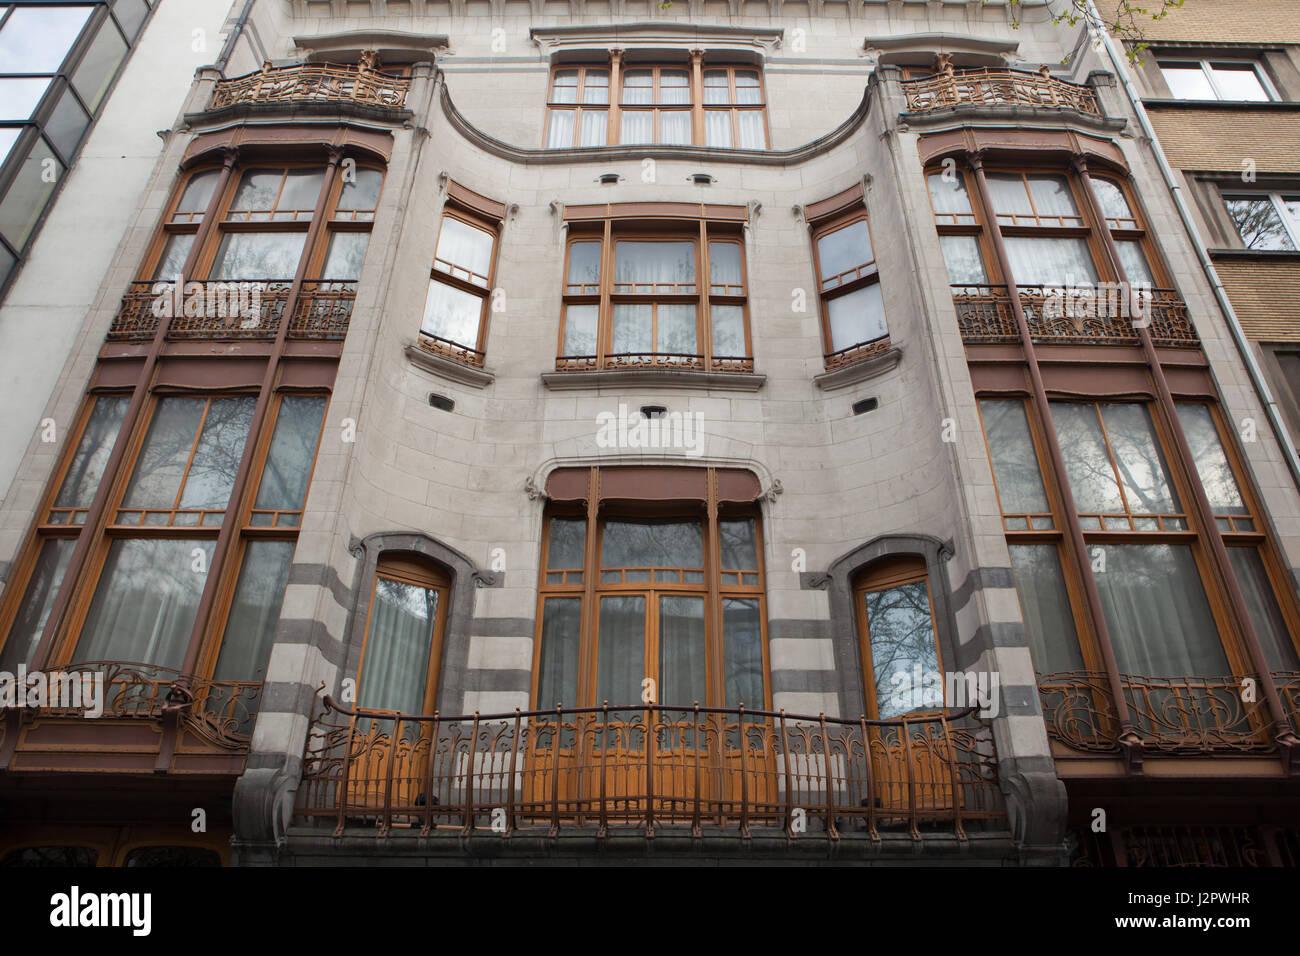 Htel Solvay Bruxelles Belgique Maison de